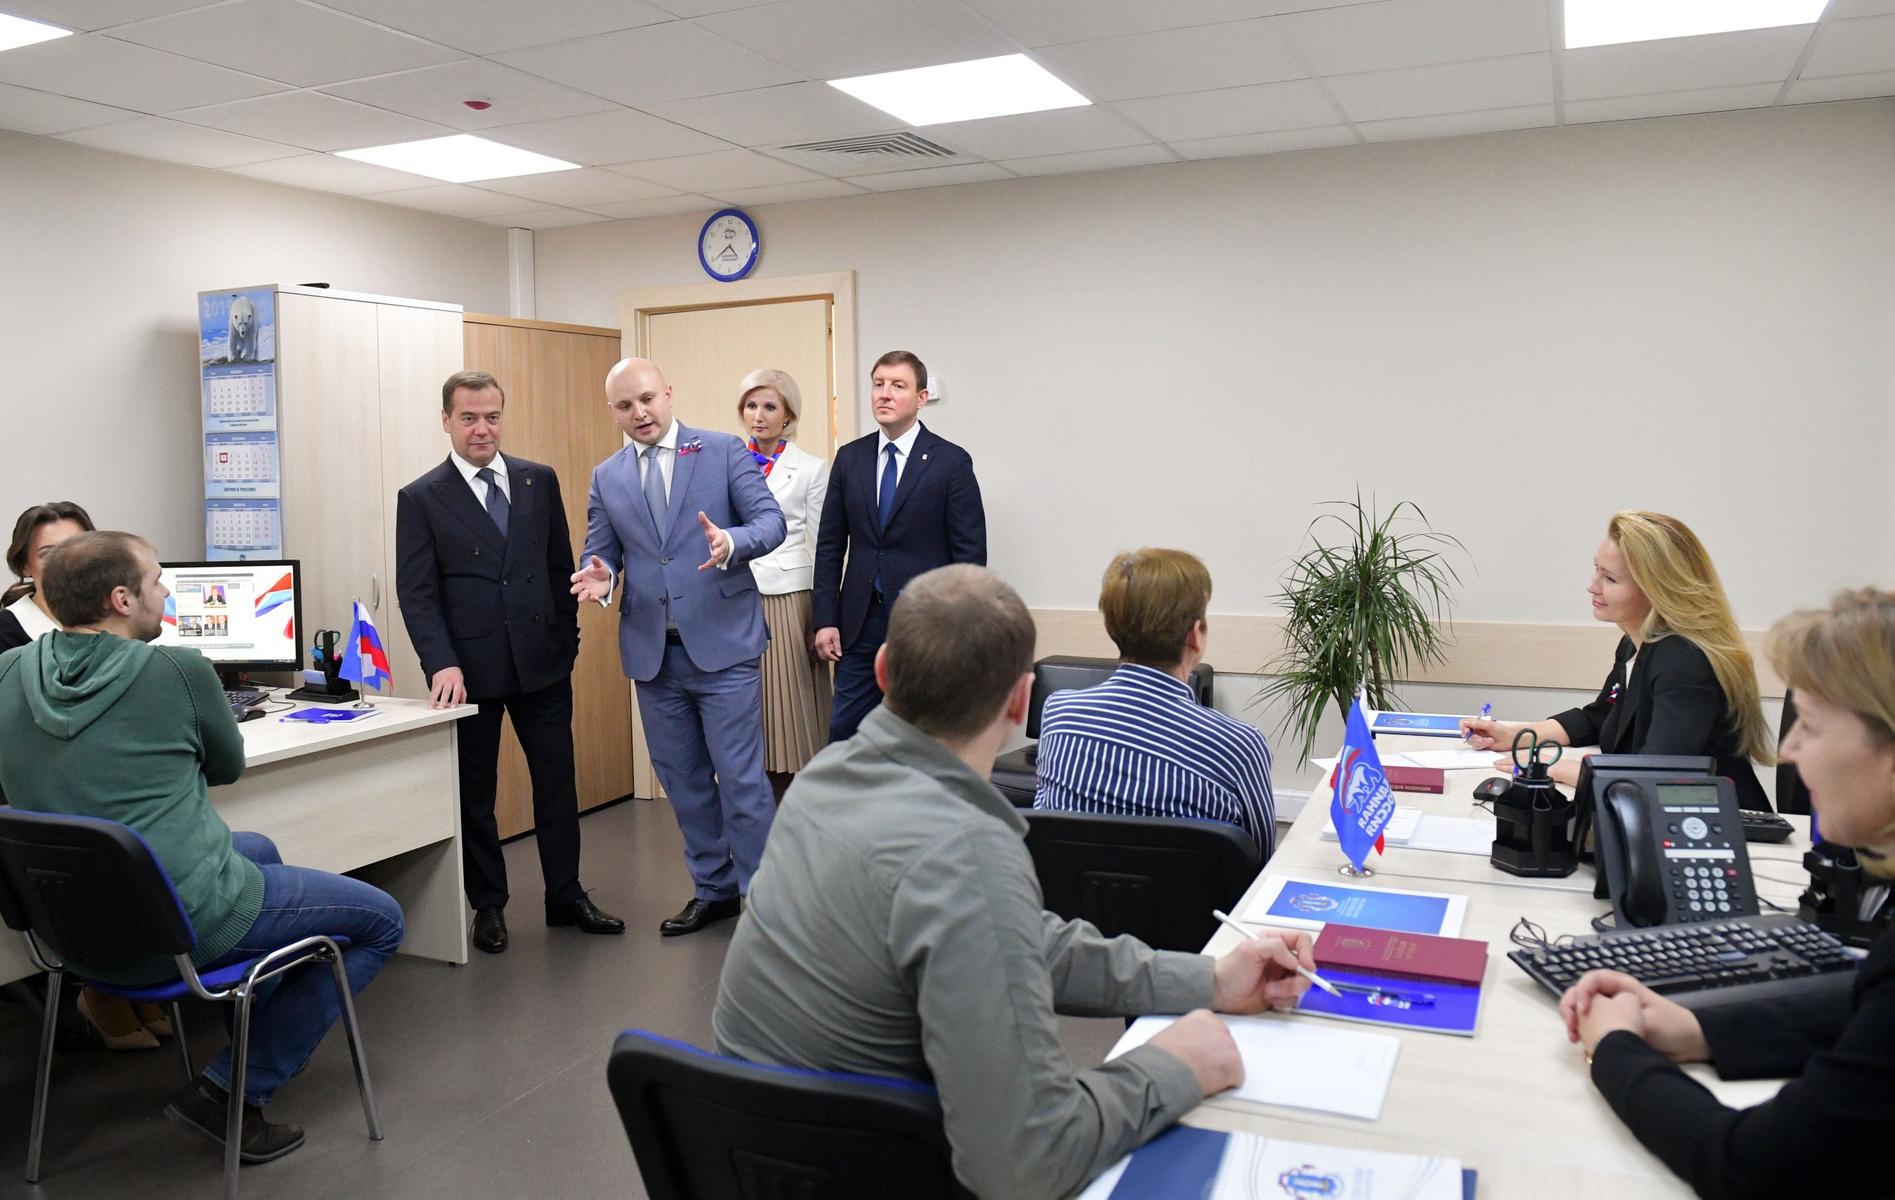 Дмитрий Медведев провел прием граждан в Центральной общественной приемной Партии. Фото: Александр Астафьев/РИА Новости